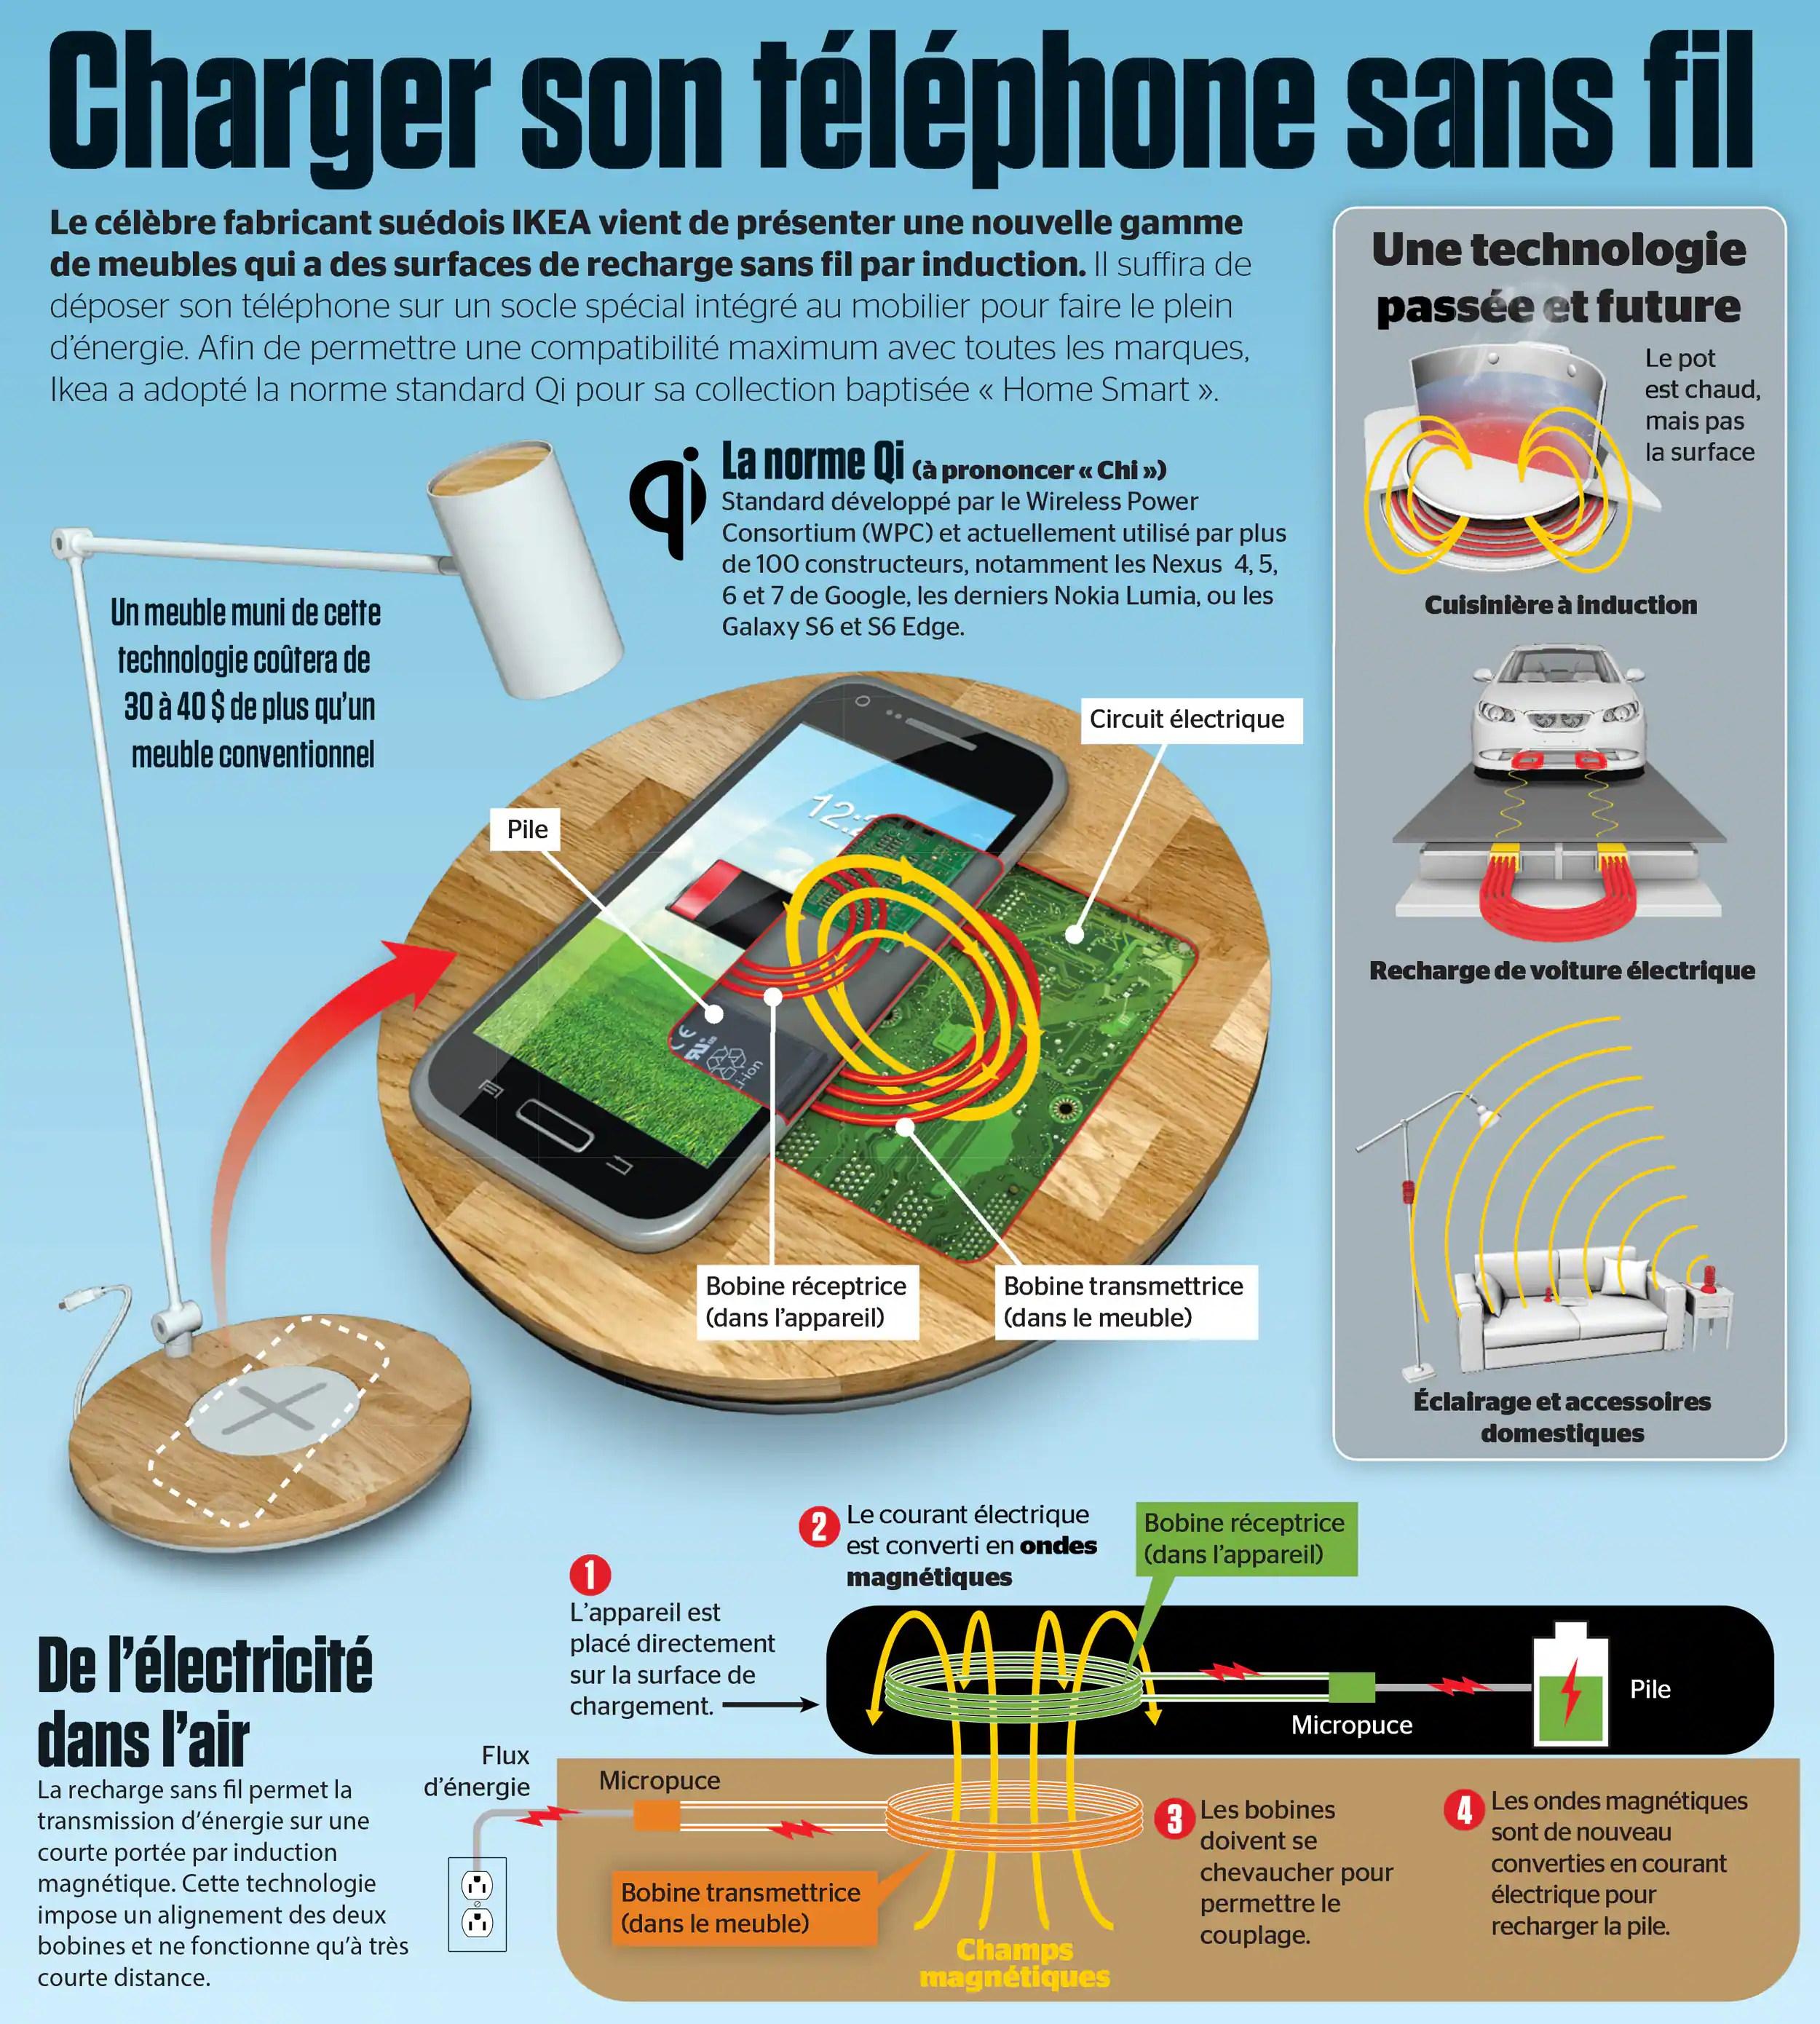 Charger son téléphone sans fil